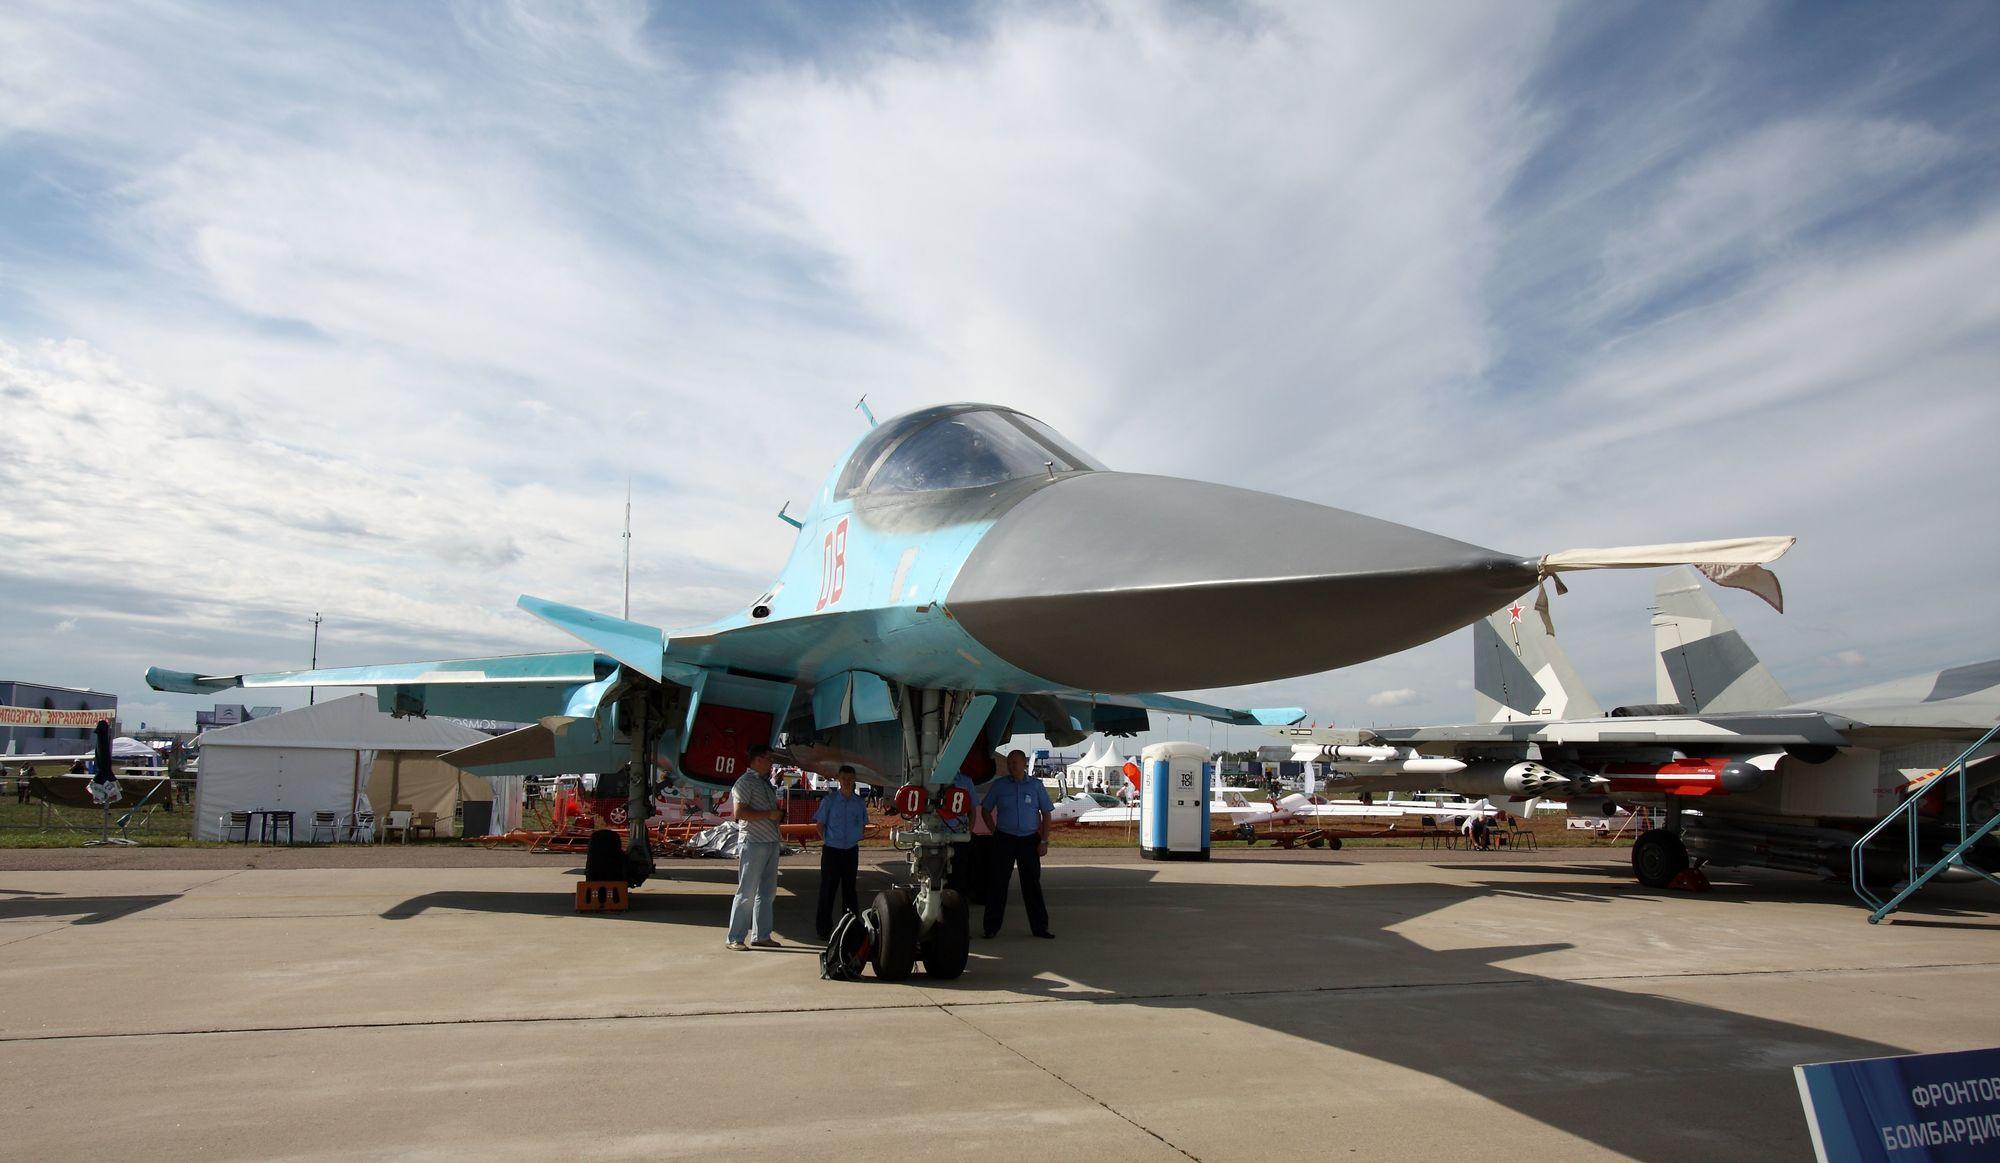 Sukhoi_Su-34_at_the_MAKS-2011_(01).jpg